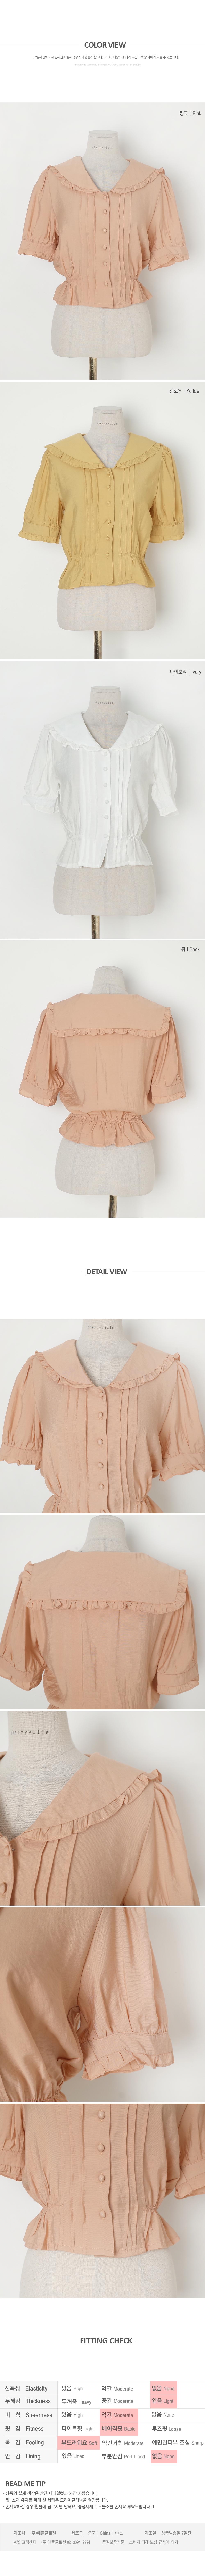 Lovely full blouse